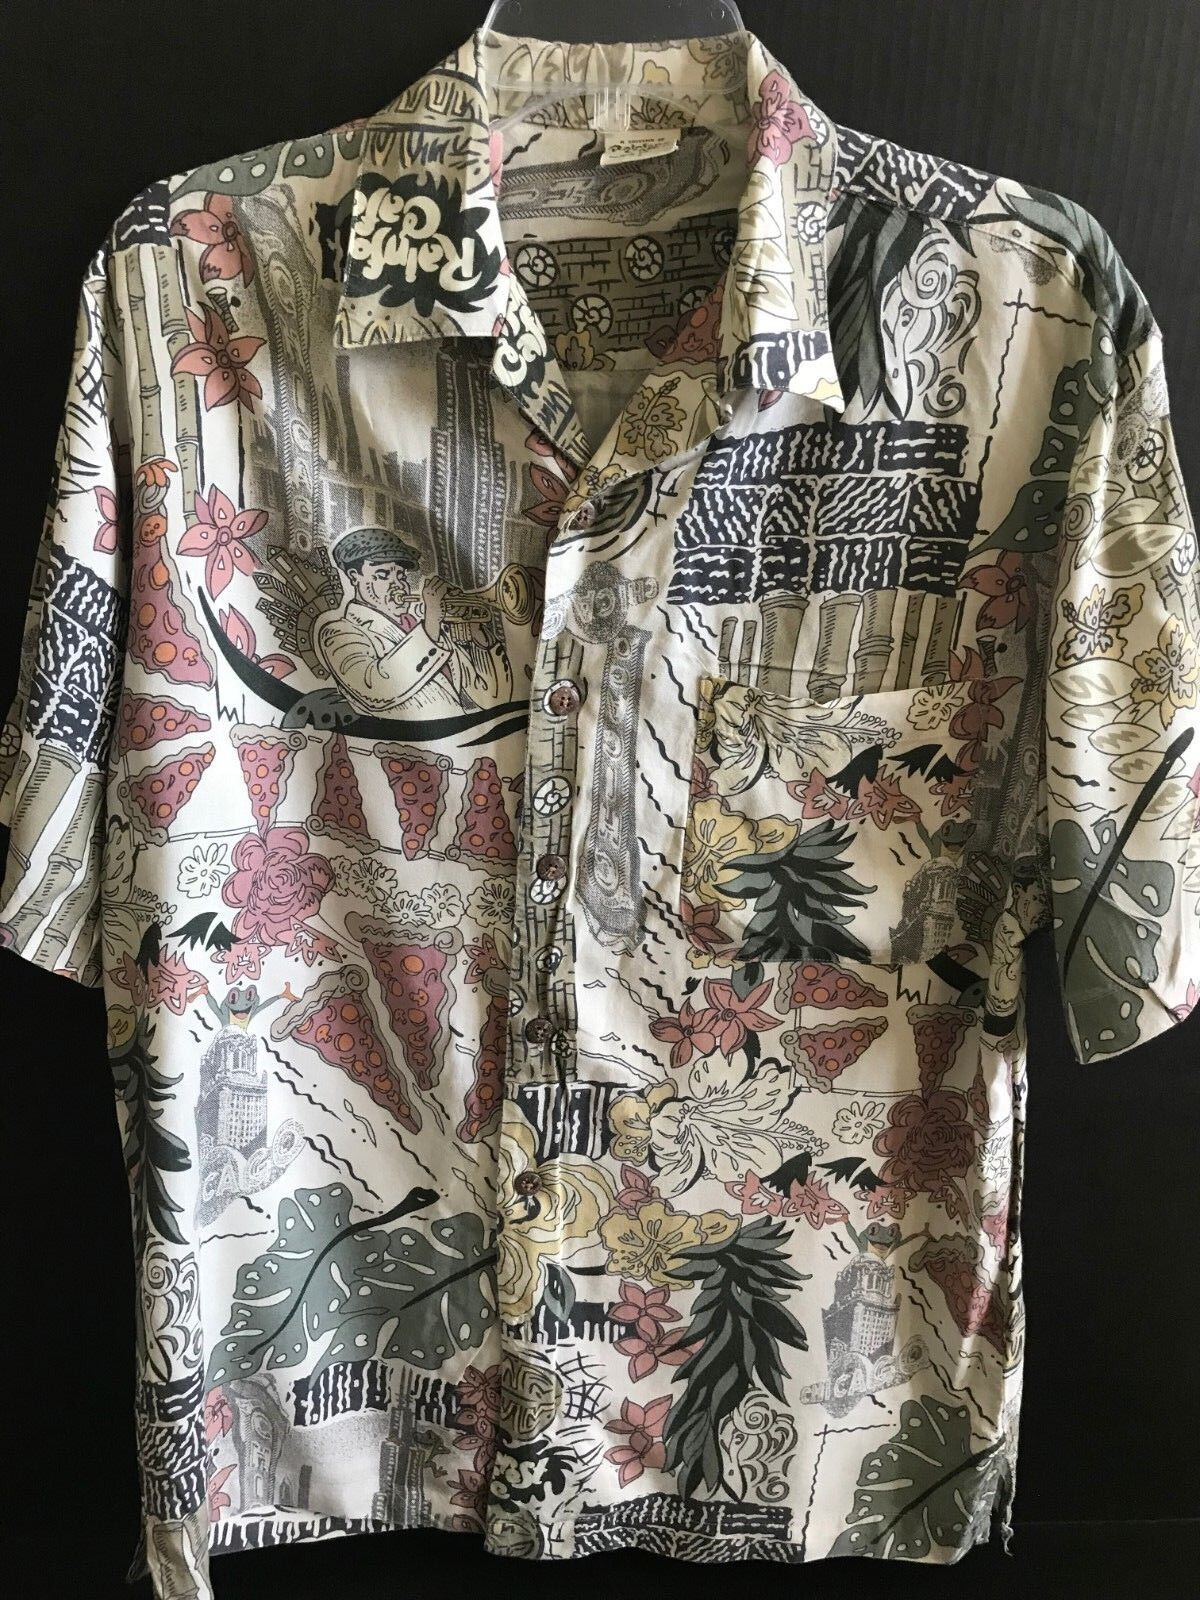 Rainforest Cafe Chicago Themed Souvenir Uomo's Souvenir Themed Hawaiian Shirt Size Small b2e92e